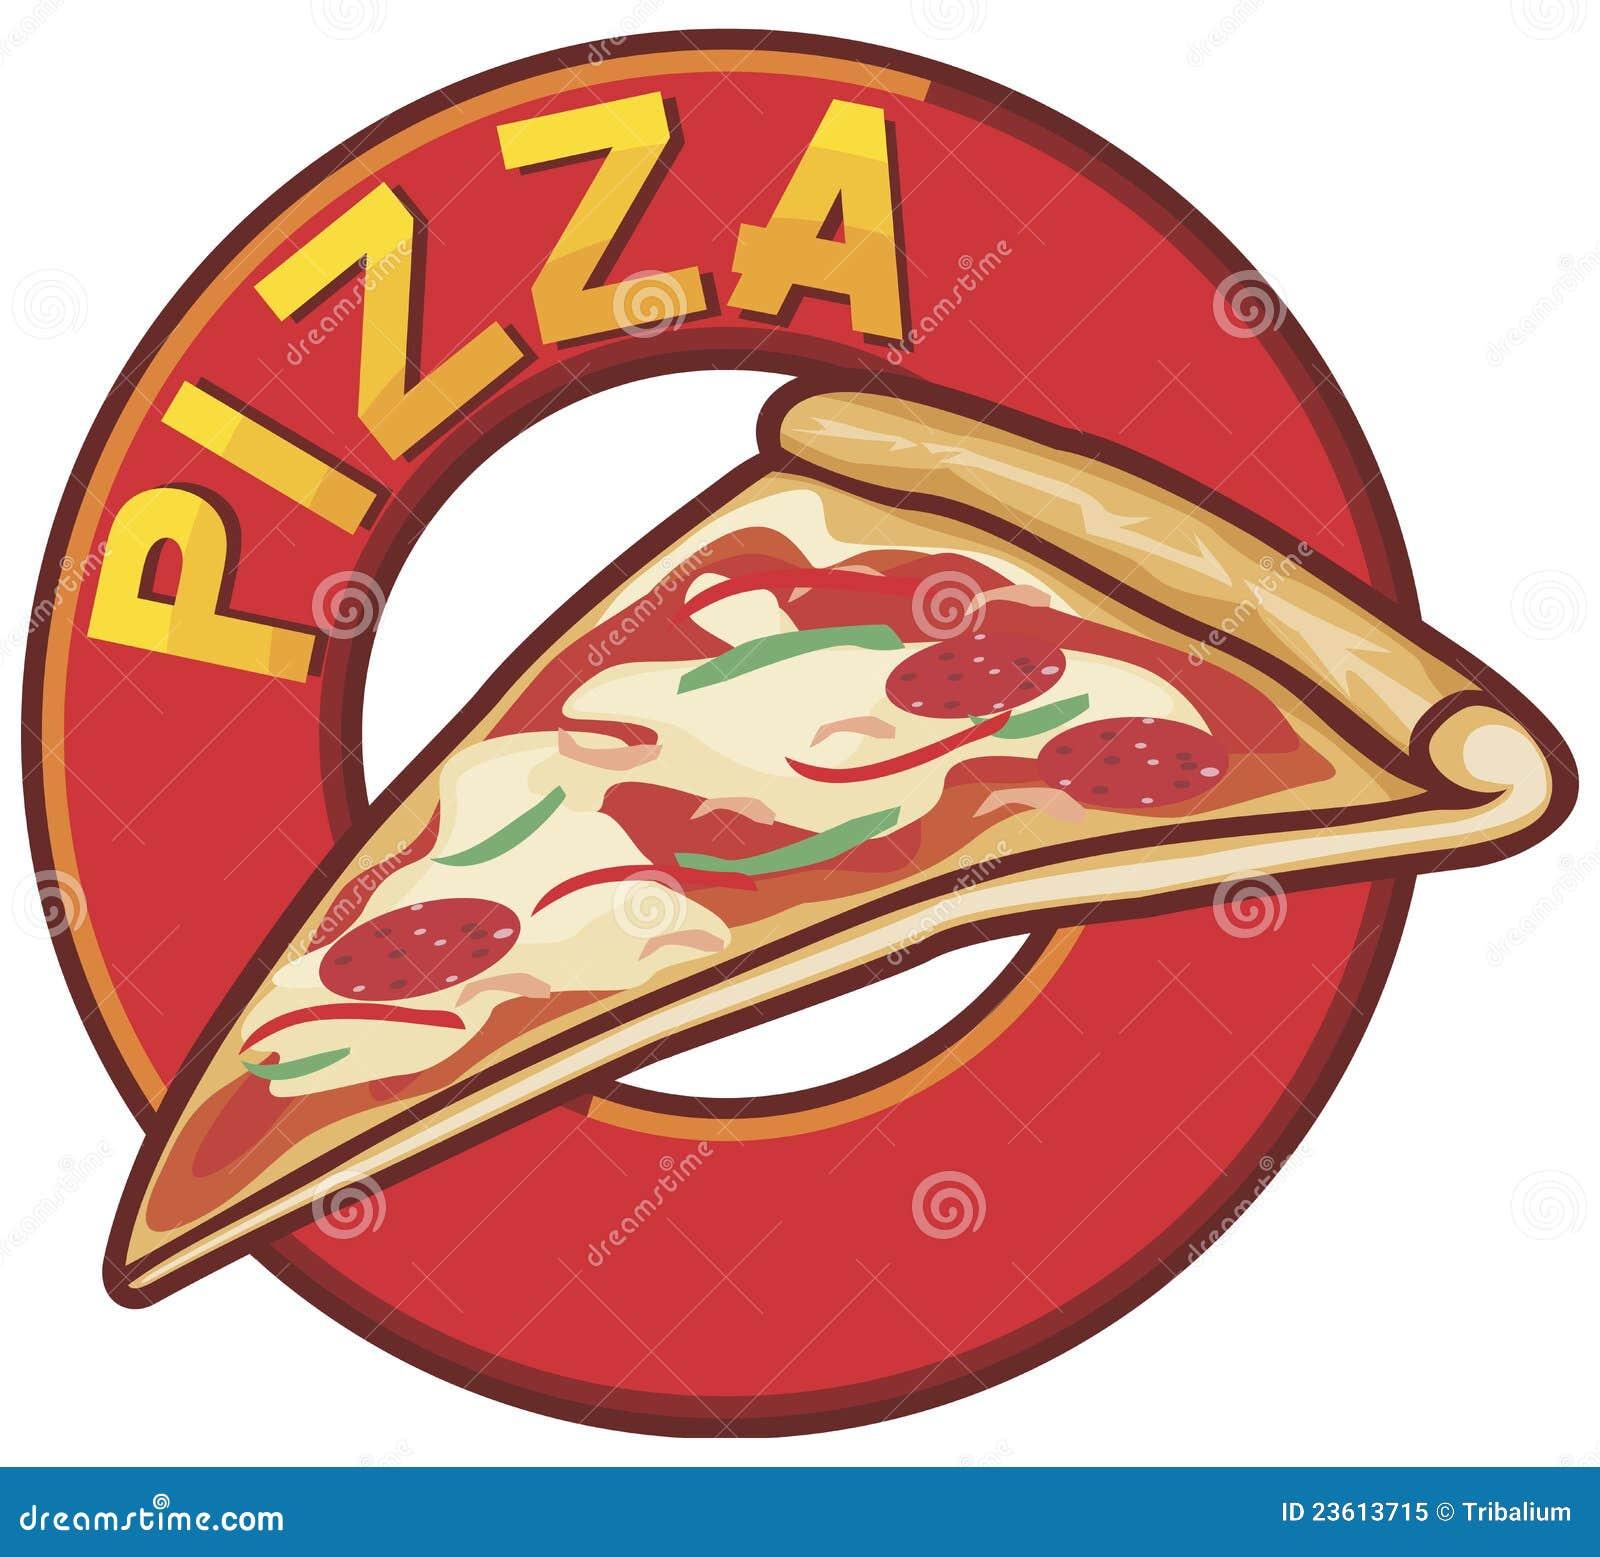 dise u00f1o de la escritura de la etiqueta de la pizza imagen pizza slice vector art pizza slice vector free